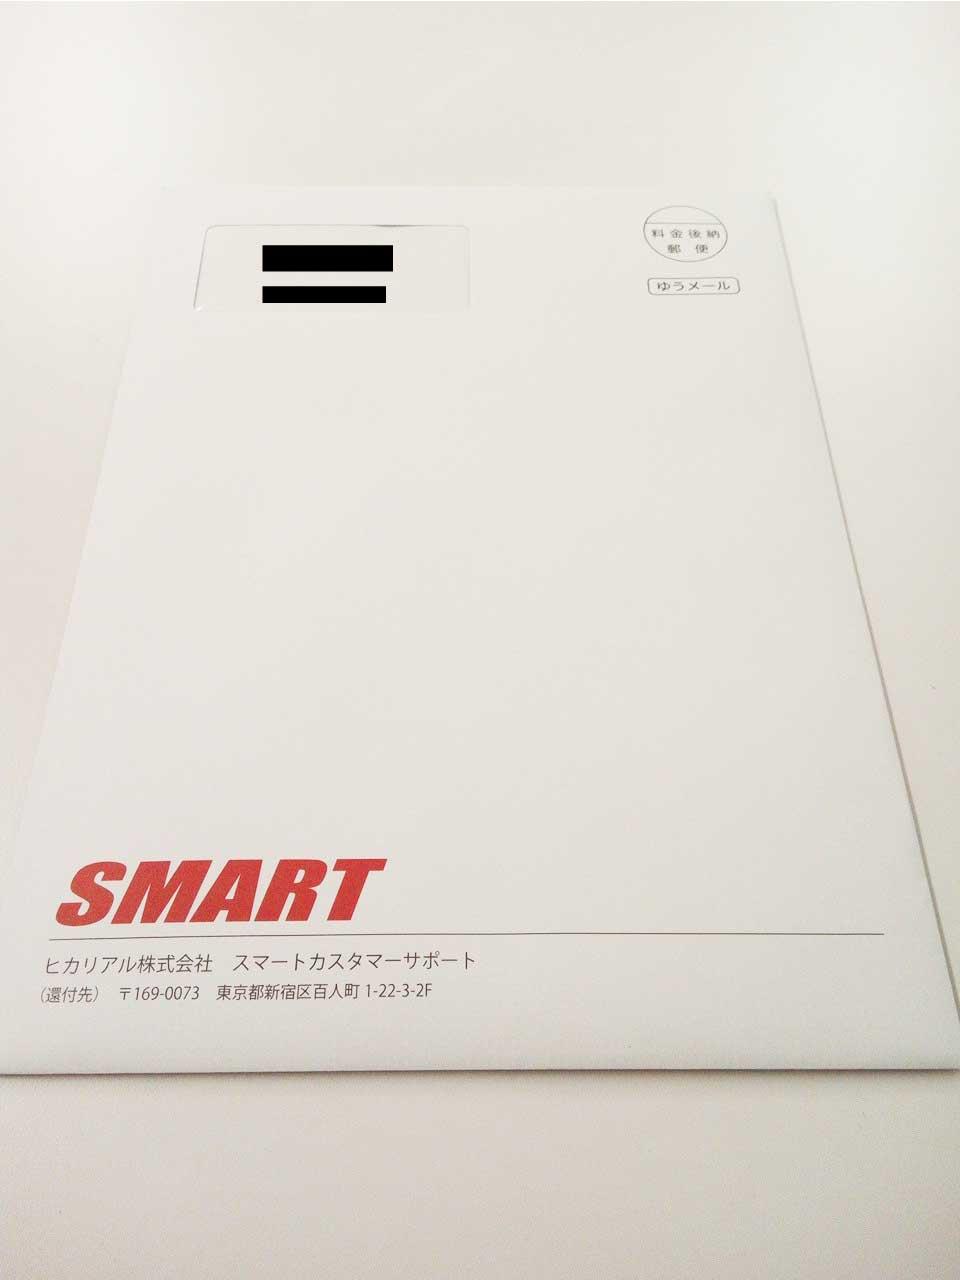 スマート光の書類